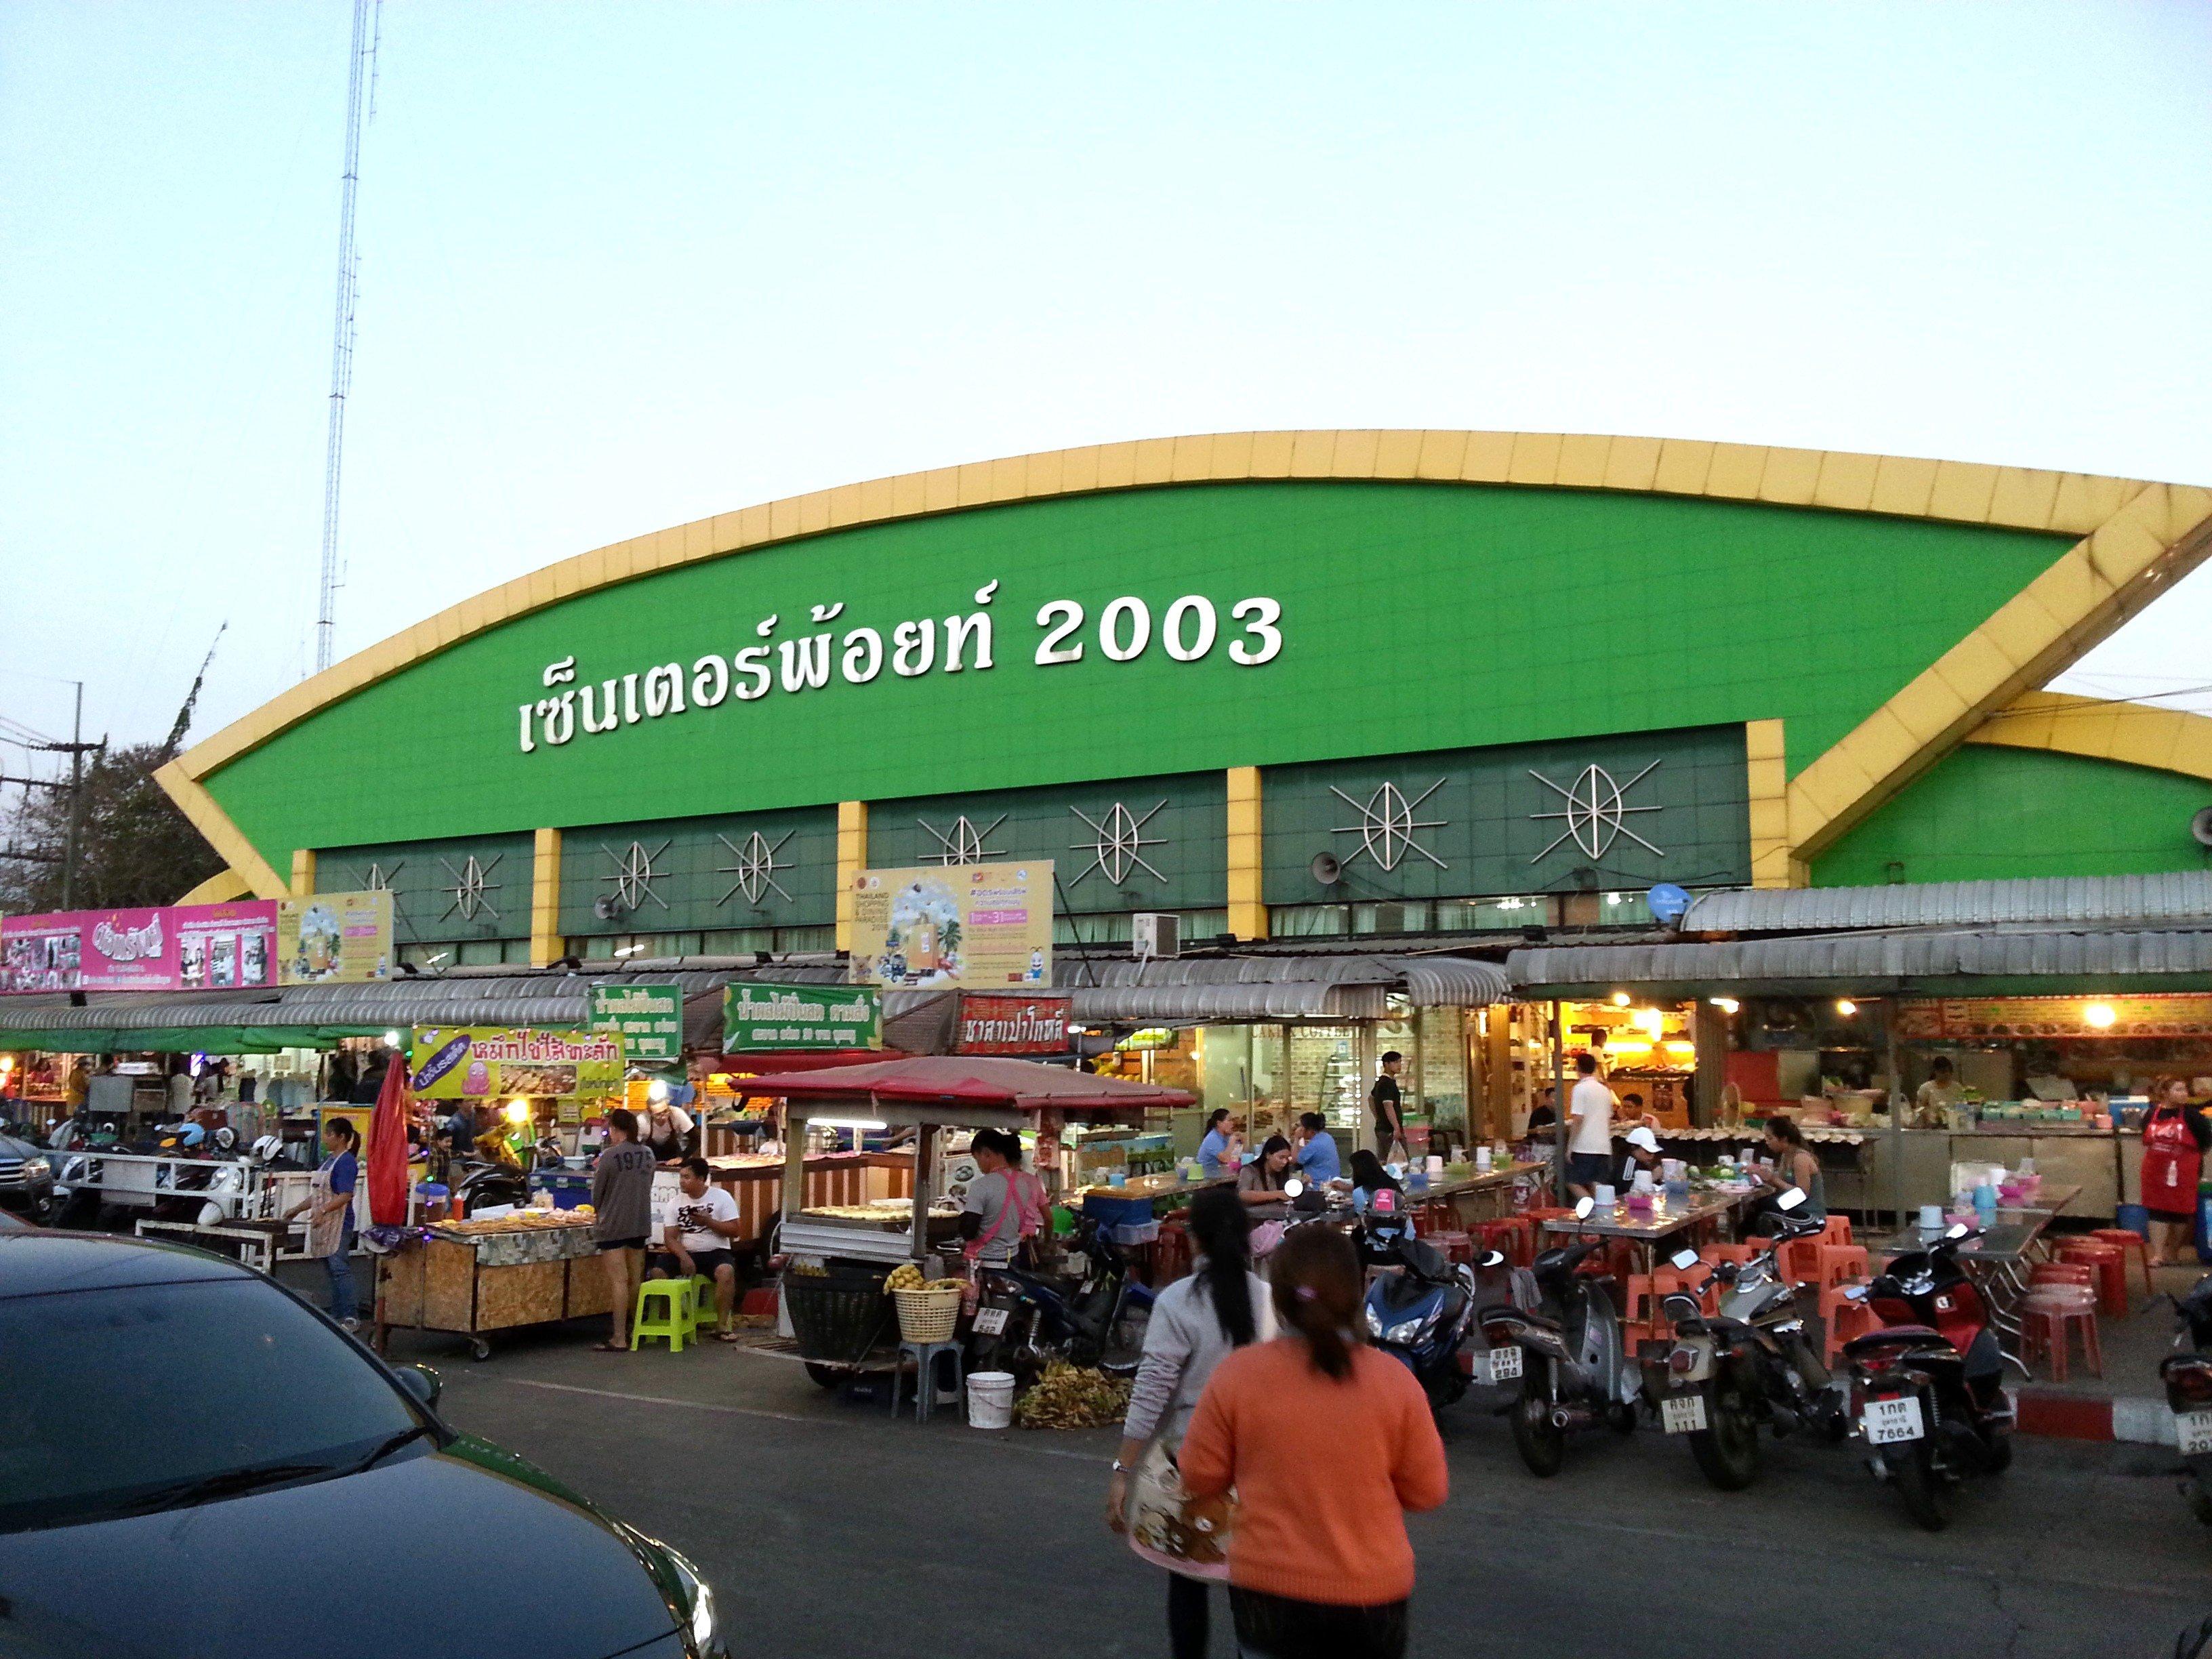 Entrance to Udon Thani Night Market